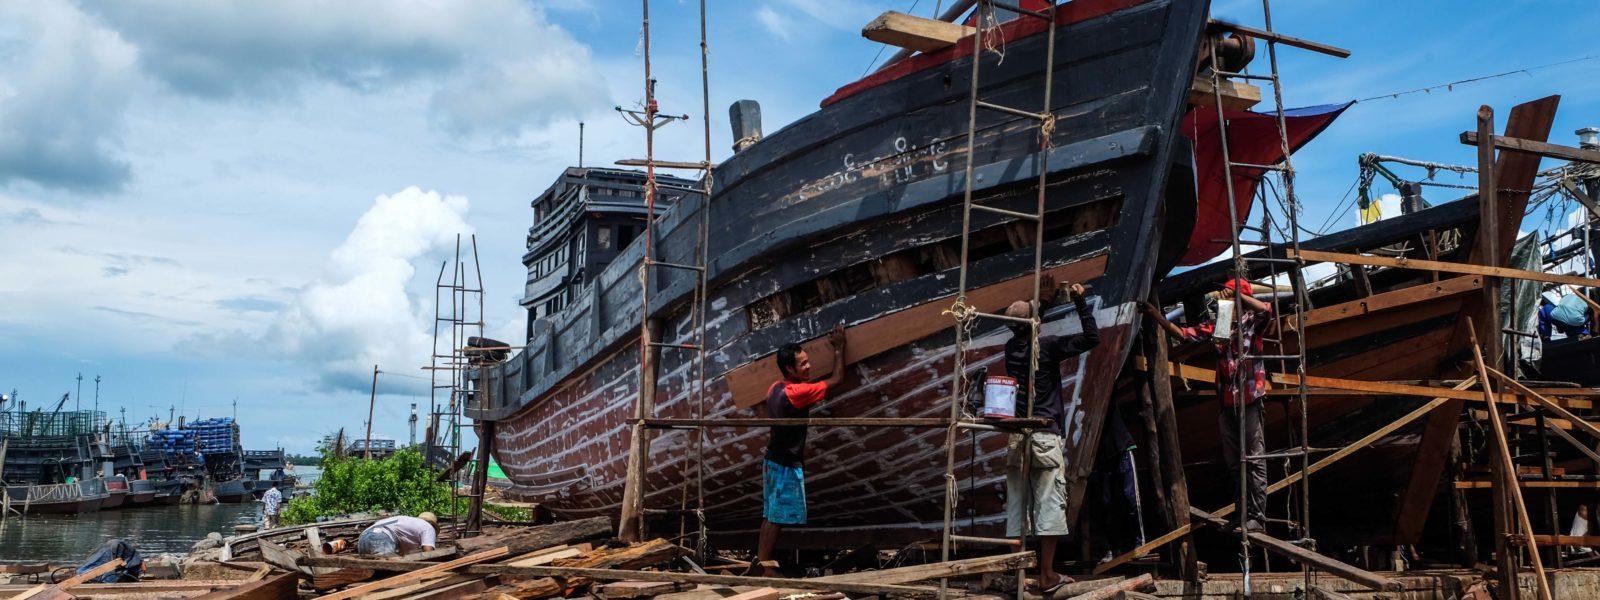 Myeik & the Archipelago - Shipyard - Myeik - Sampan Travel